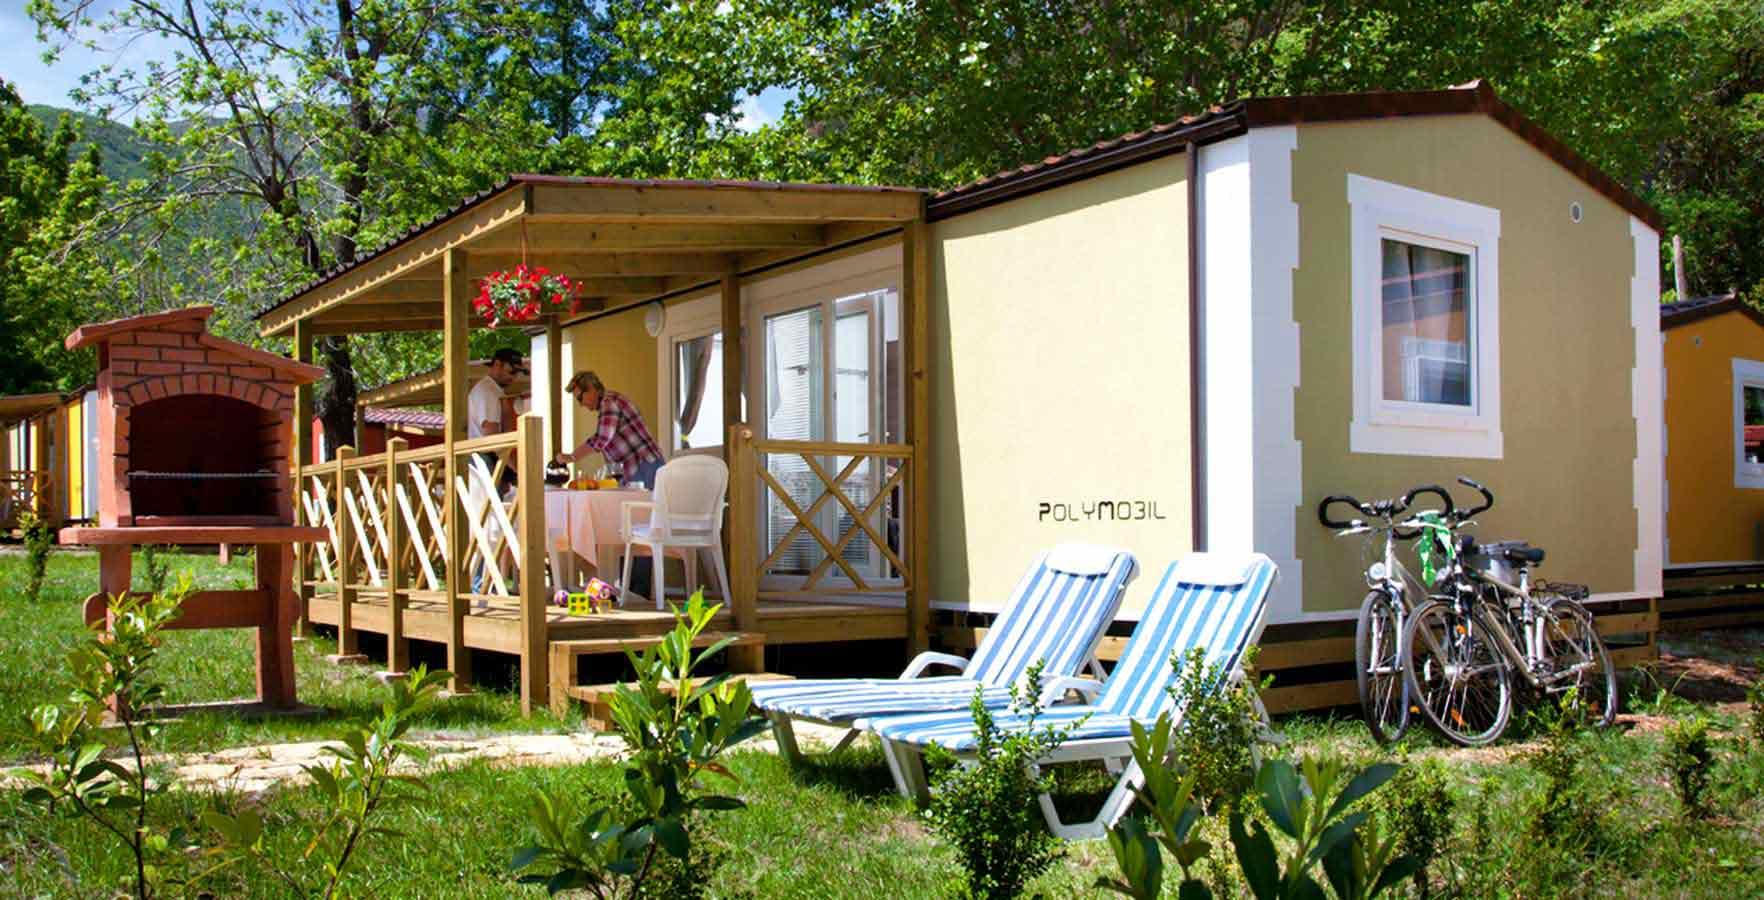 mobilheim mieten kroatien mit hund mobilheim mit hund. Black Bedroom Furniture Sets. Home Design Ideas